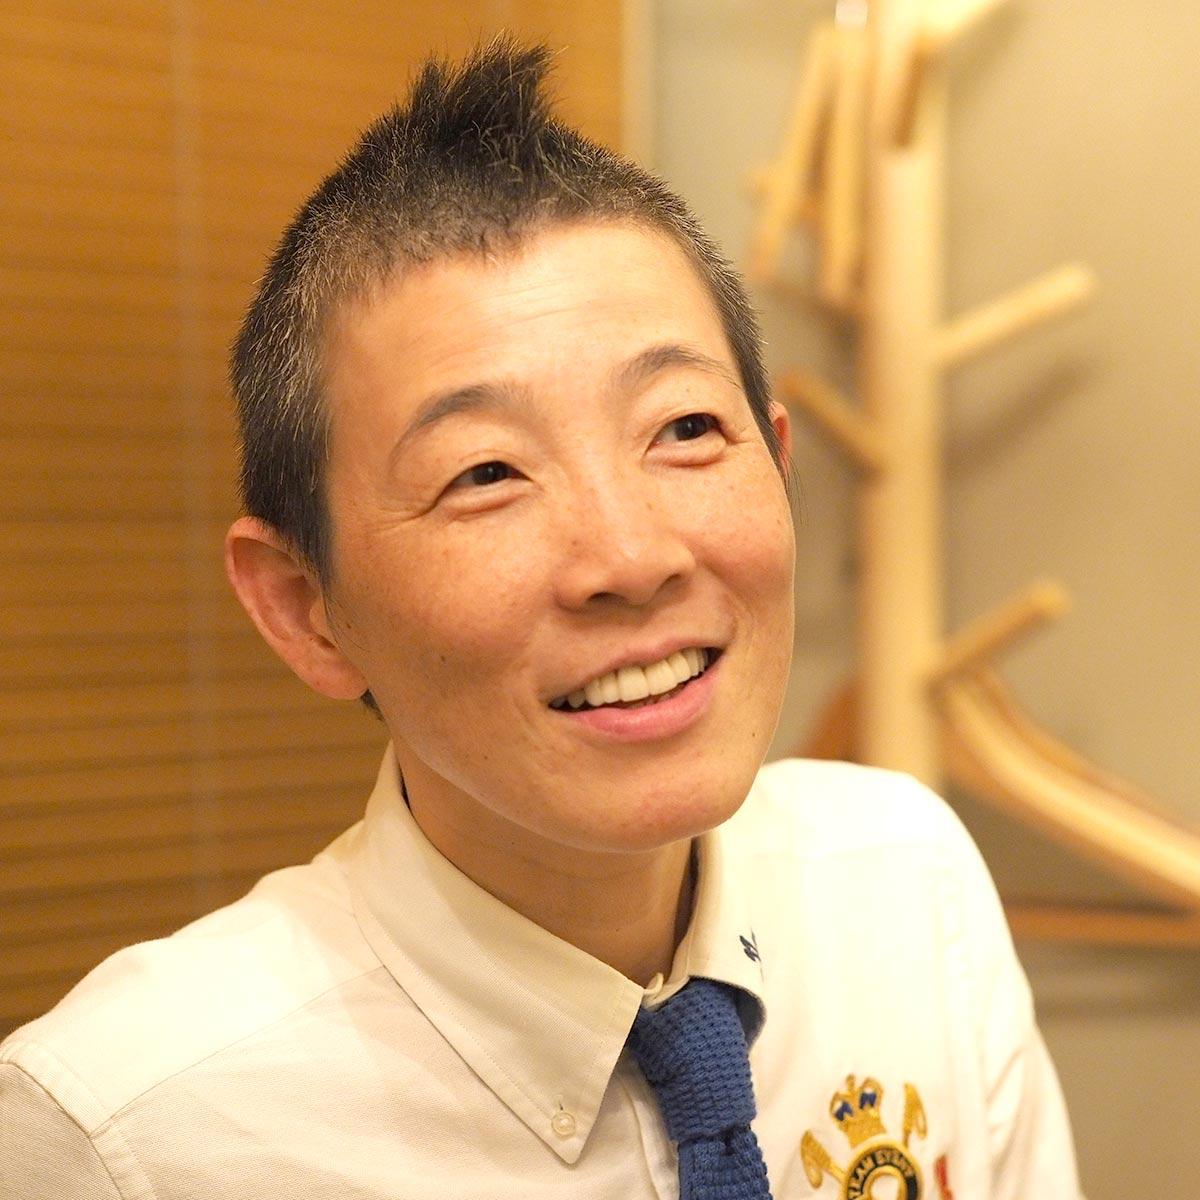 産婦人科医高尾美穂先生